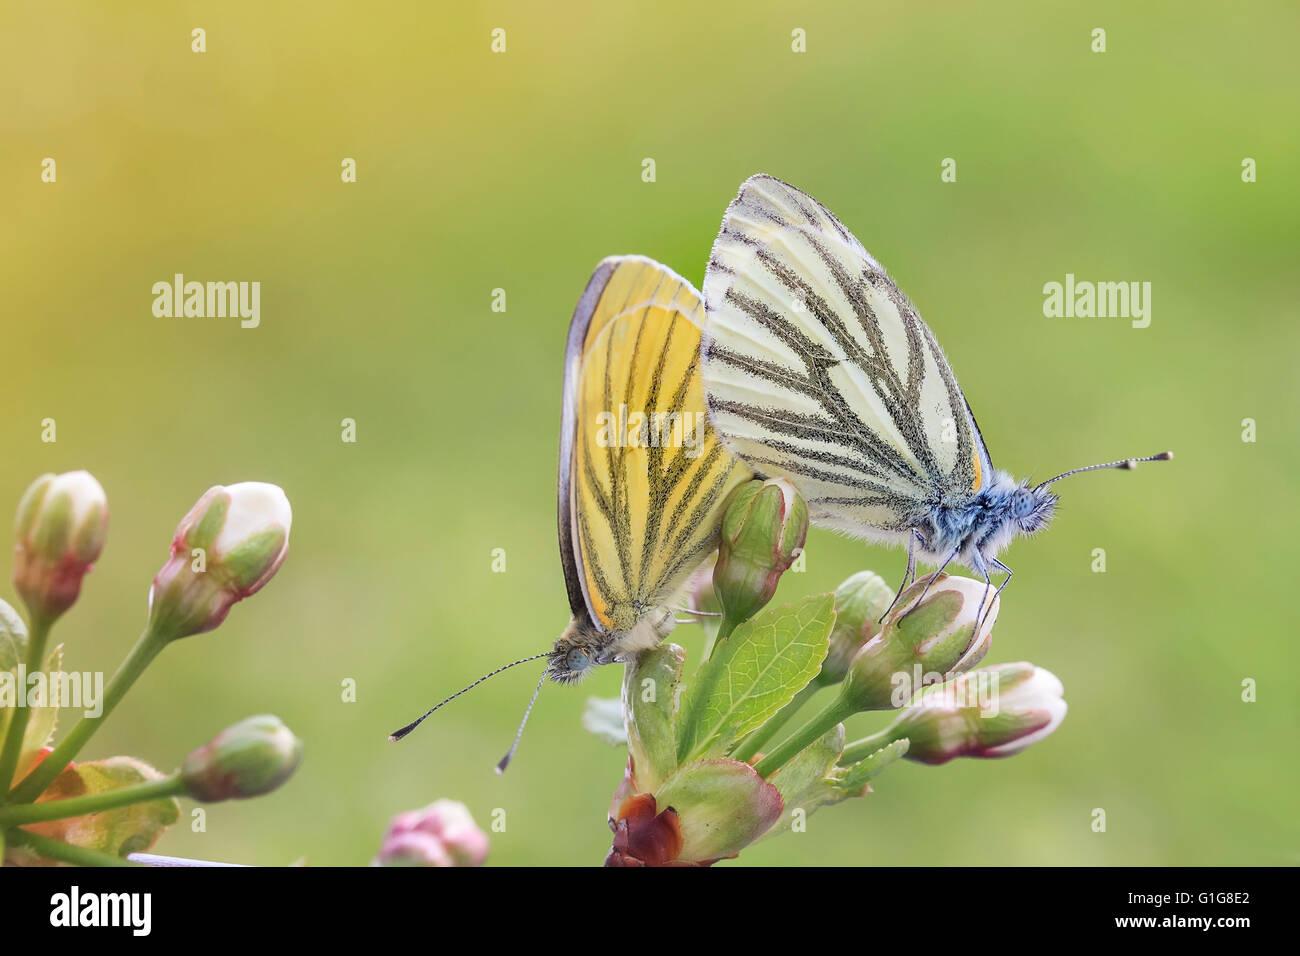 Animale, sfondo, bella, bellezza, fioritura, blu brillante, butterfly, cura, colore, colorato, giovane, giorno Immagini Stock